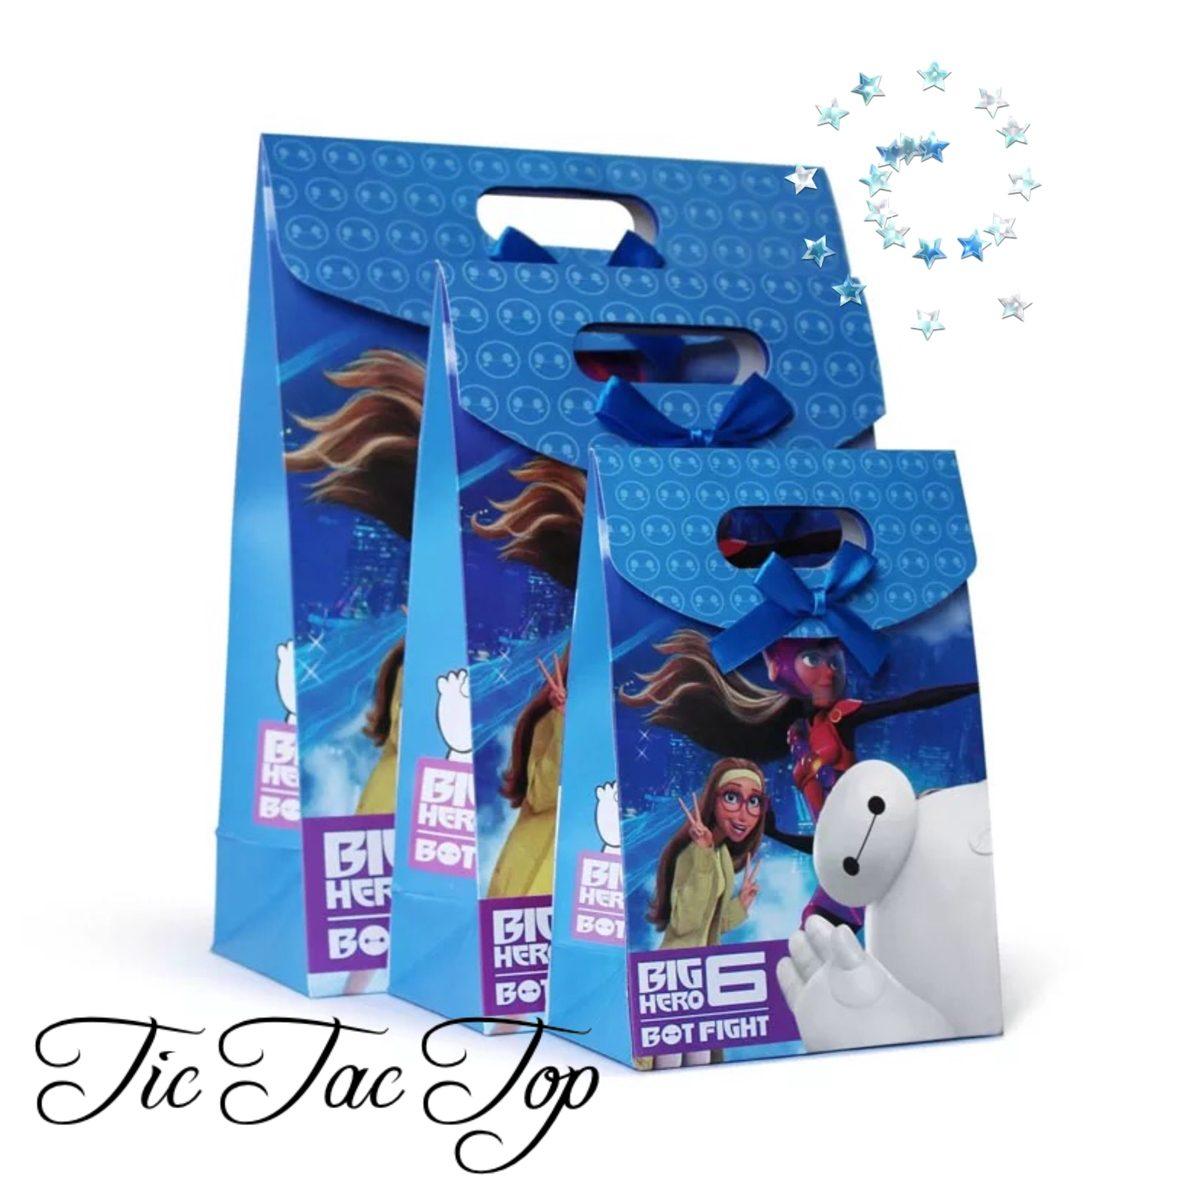 Big Hero 6 Paper Gift & Lolly Bag - 6 Bags